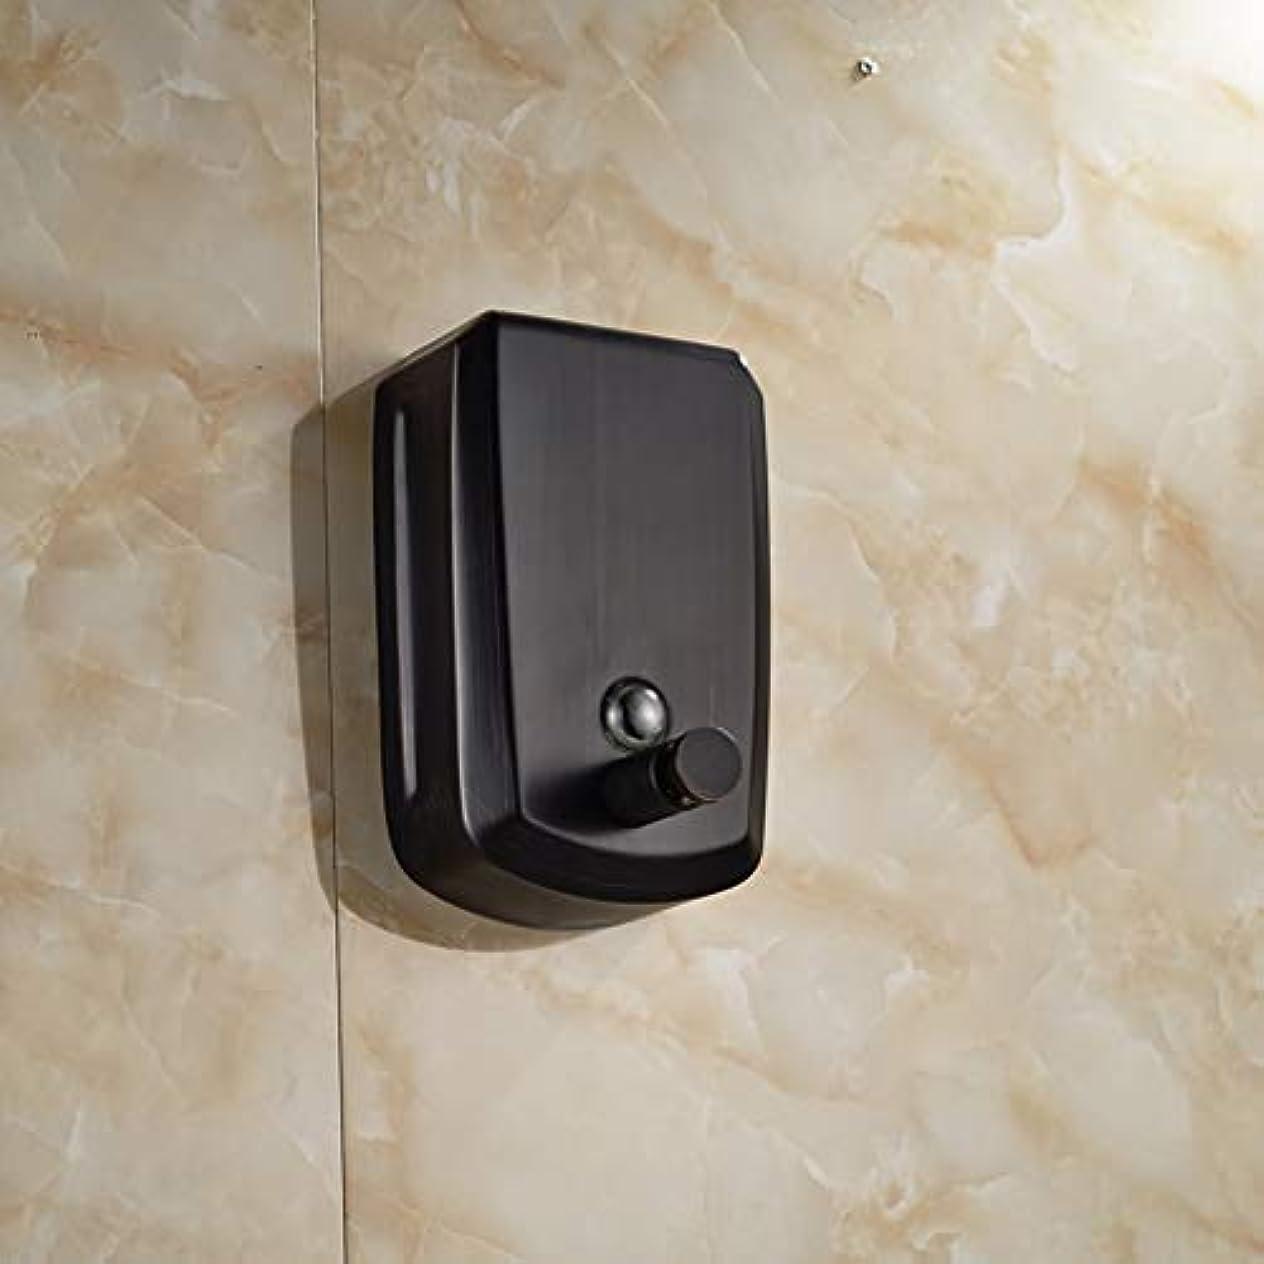 マラドロイト省略キャラバンLUDSUY Oil Rubbed Bronze 800ml Bathroom Soap Dispenser Liquid Soap Pump Lotion DispenserBathroom accessories